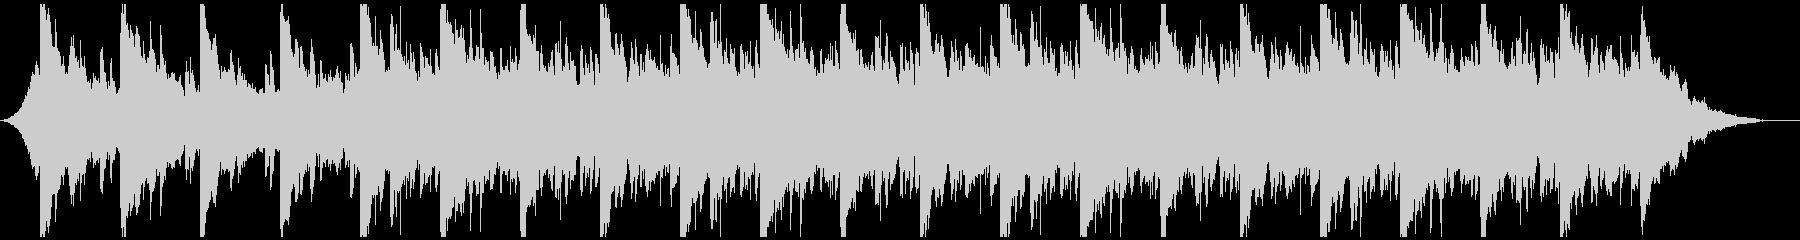 モダン 交響曲 室内楽 コーポレー...の未再生の波形